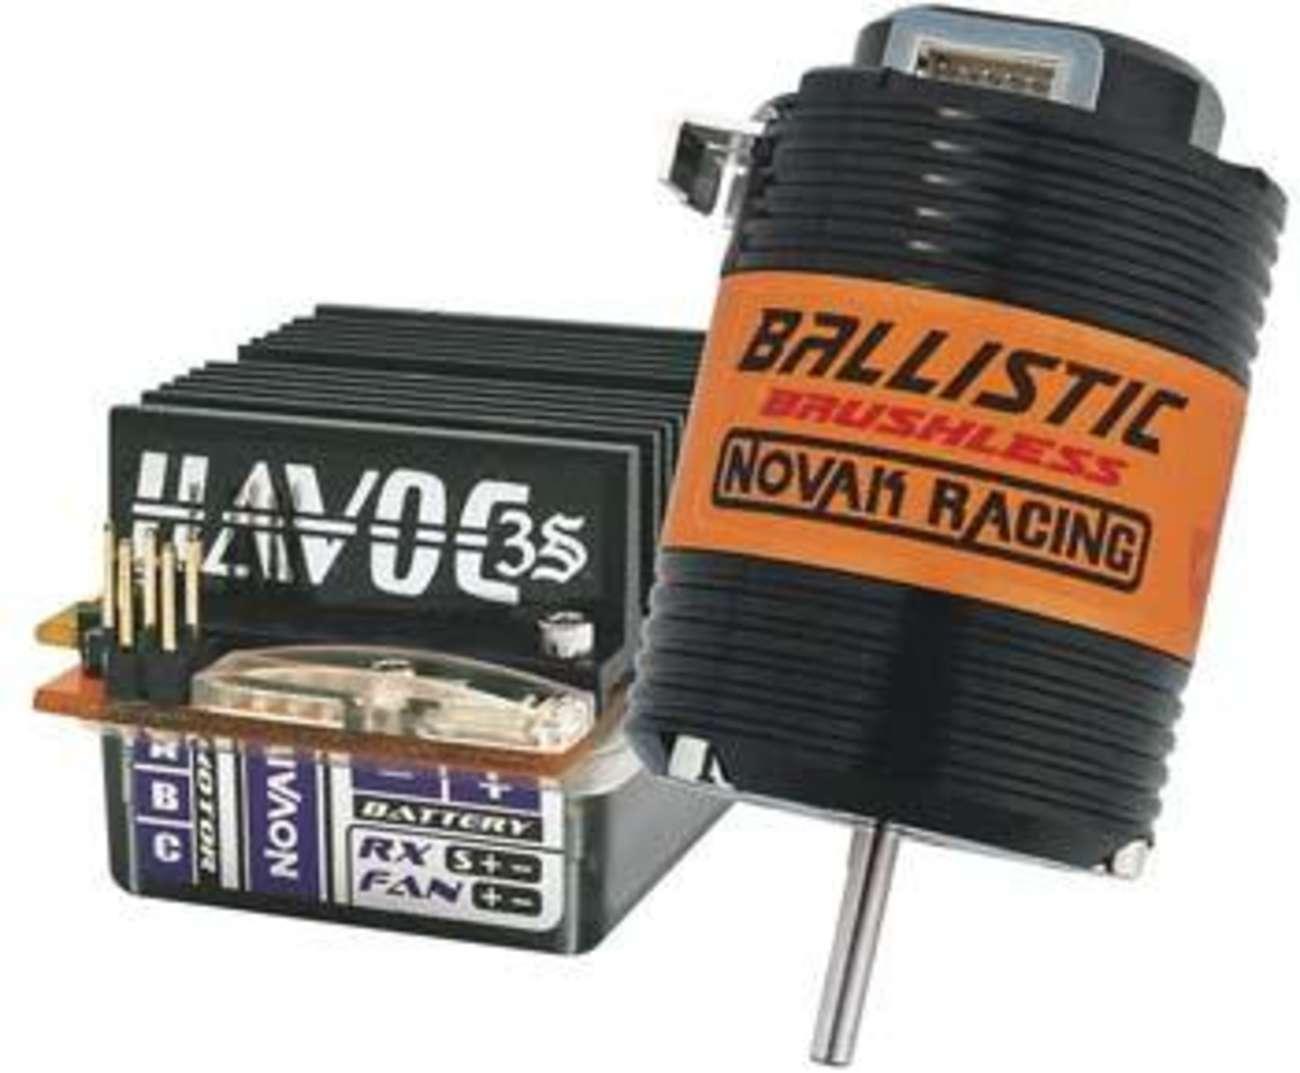 Motore Novak Havoc 3S Brushless ESC Ballistic 8,5 Sensorojo Brushless Motor